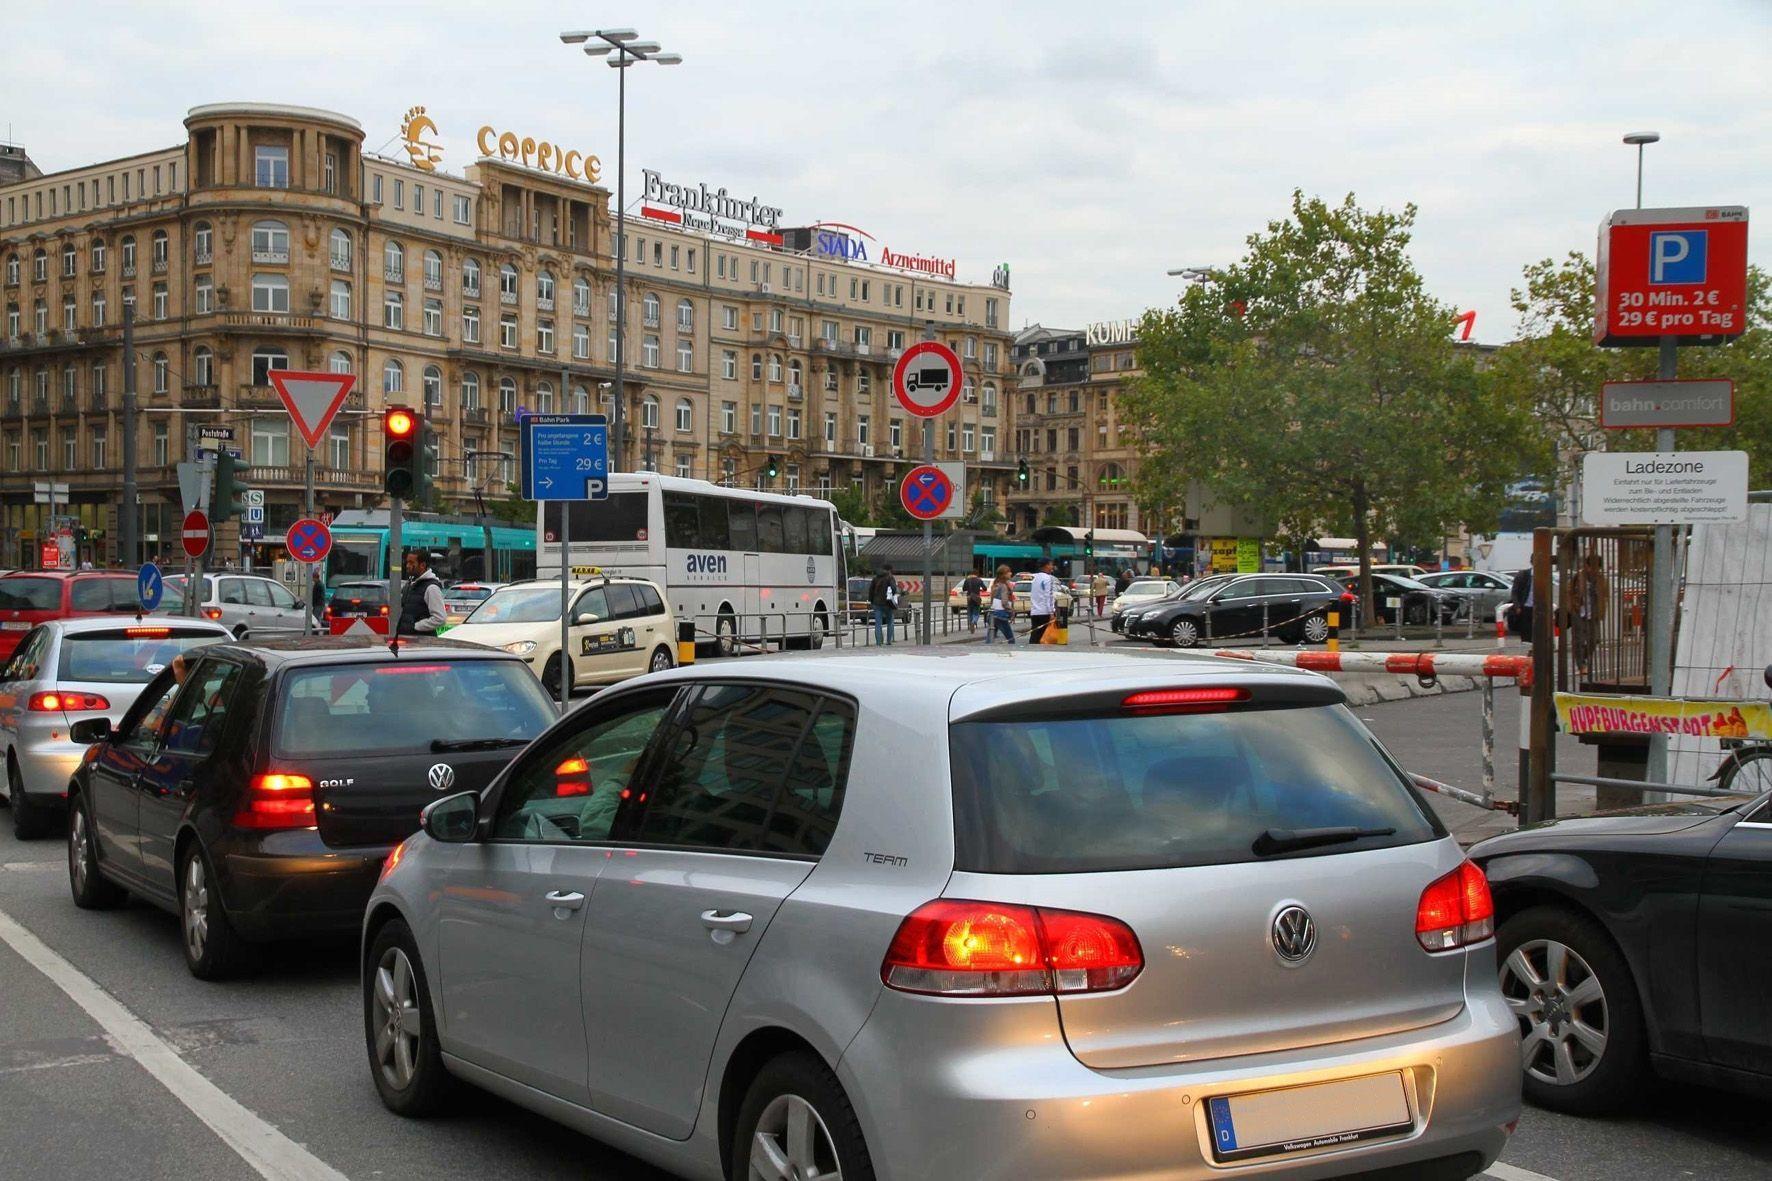 mid Groß-Gerau - Selbst in Großstädten gibt es nach Ansicht von Greenpeace zu wenige Alternativen zum eigenen Auto.